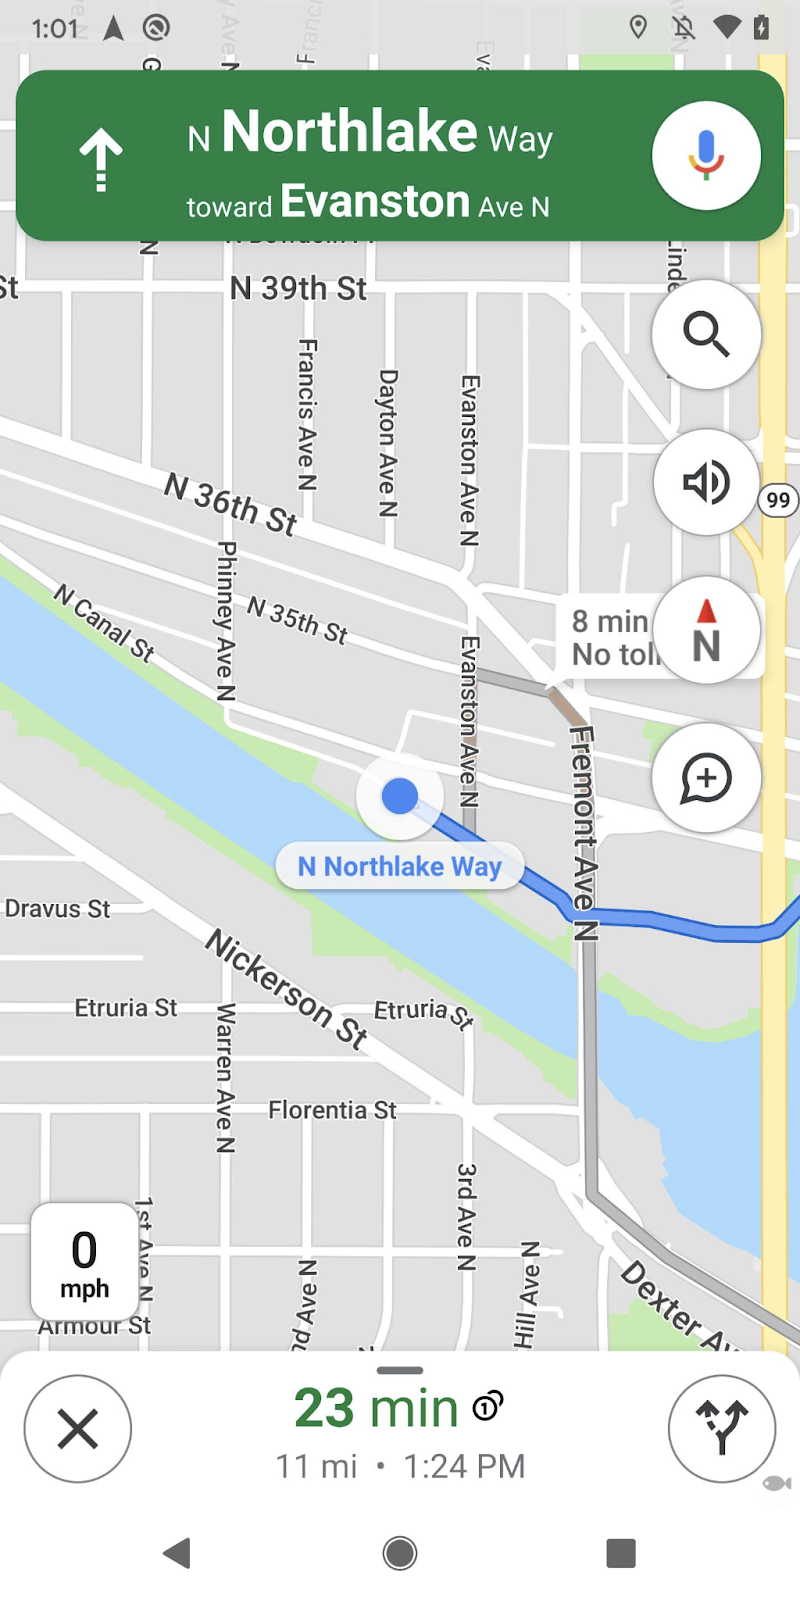 Mapy Google na Androidzie - do aplikacji powraca kompas!